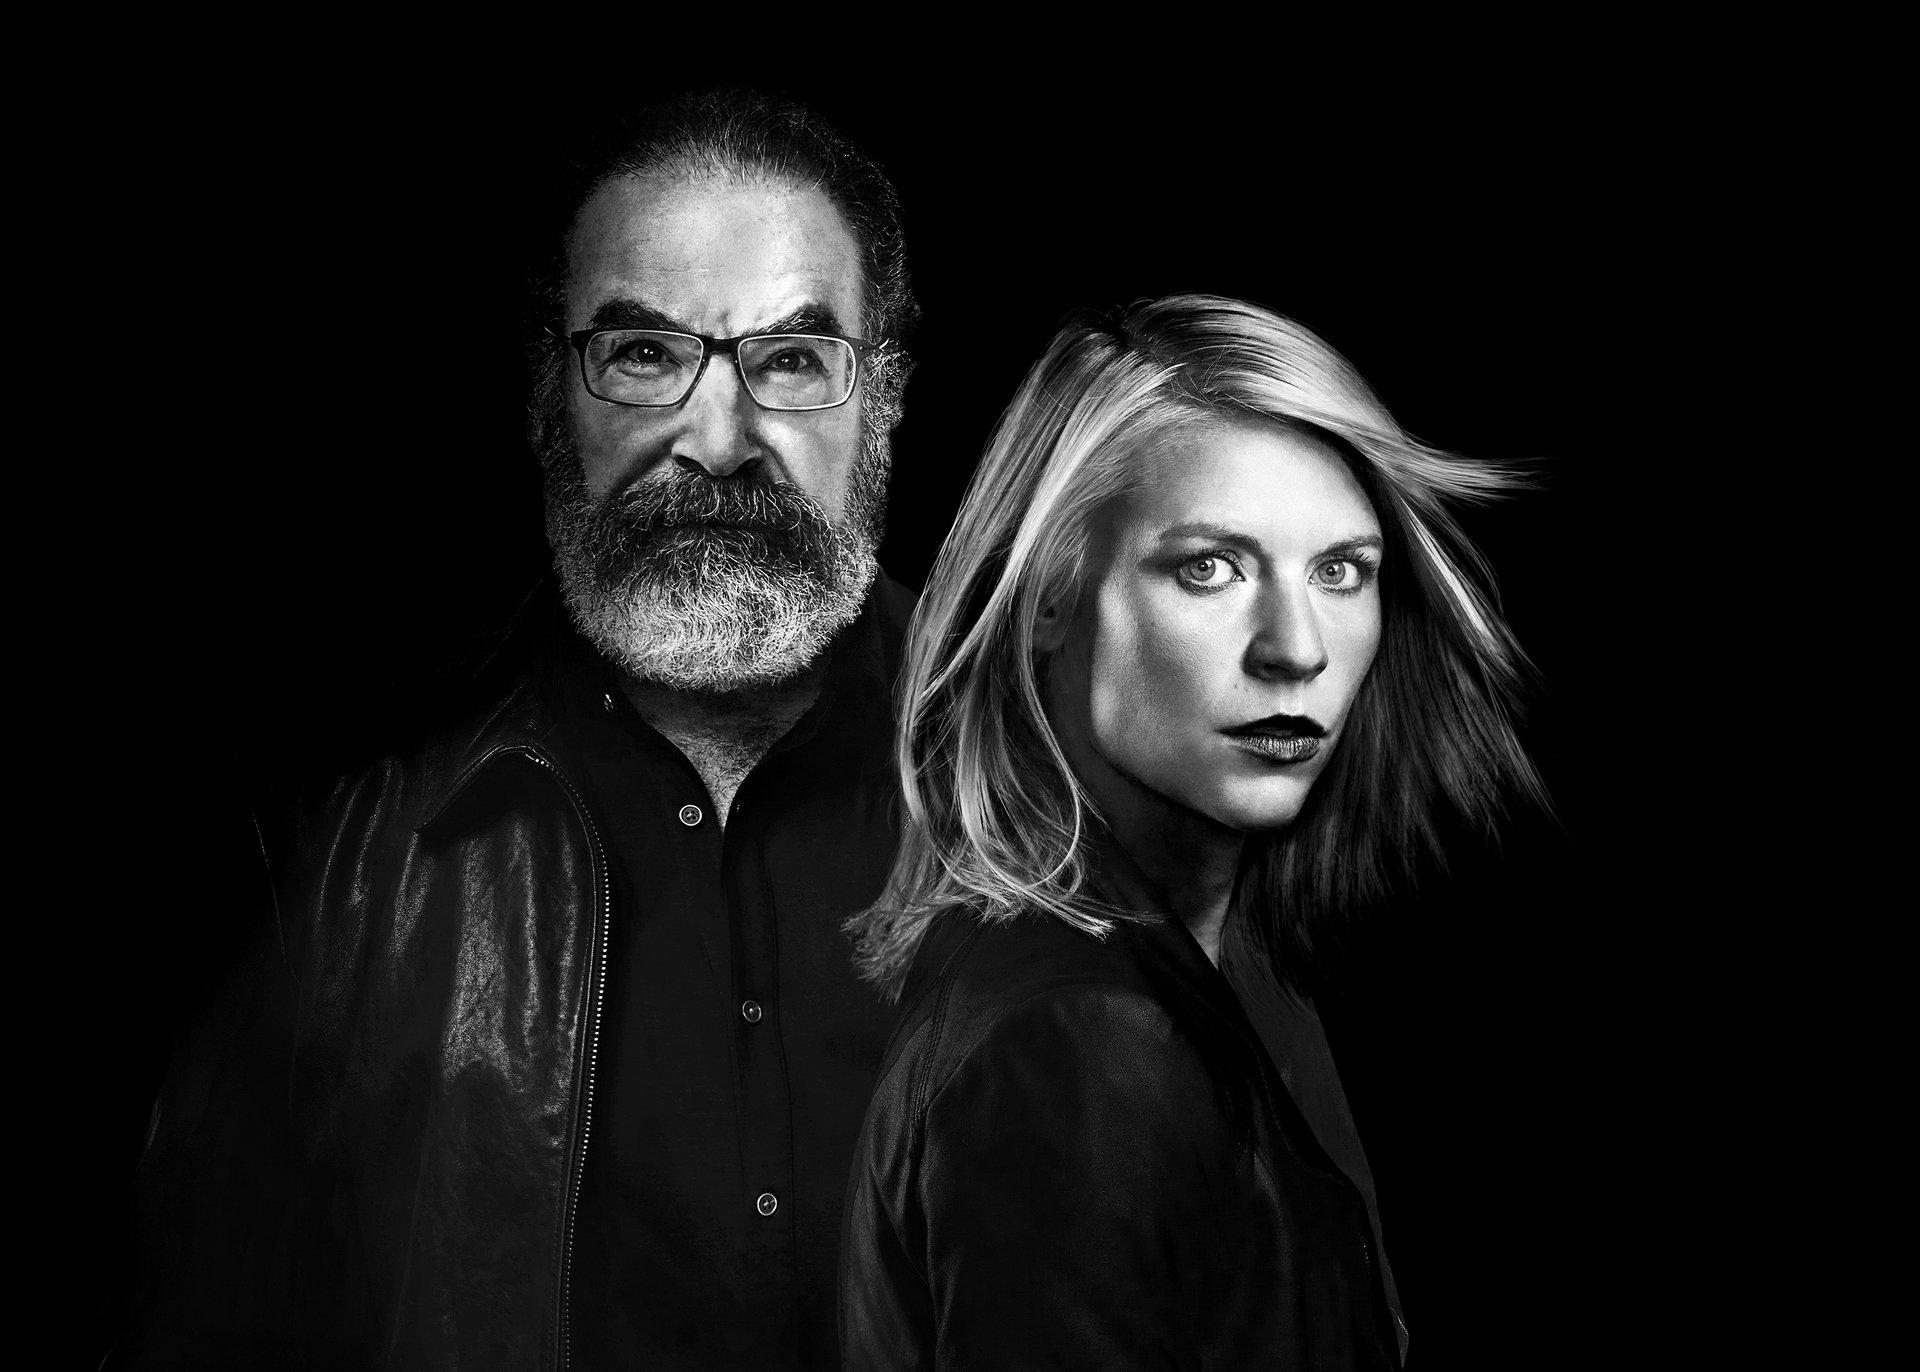 Tajemnica, intryga i konflikt – najnowszy, 7. sezon Homeland na kanale FOX!